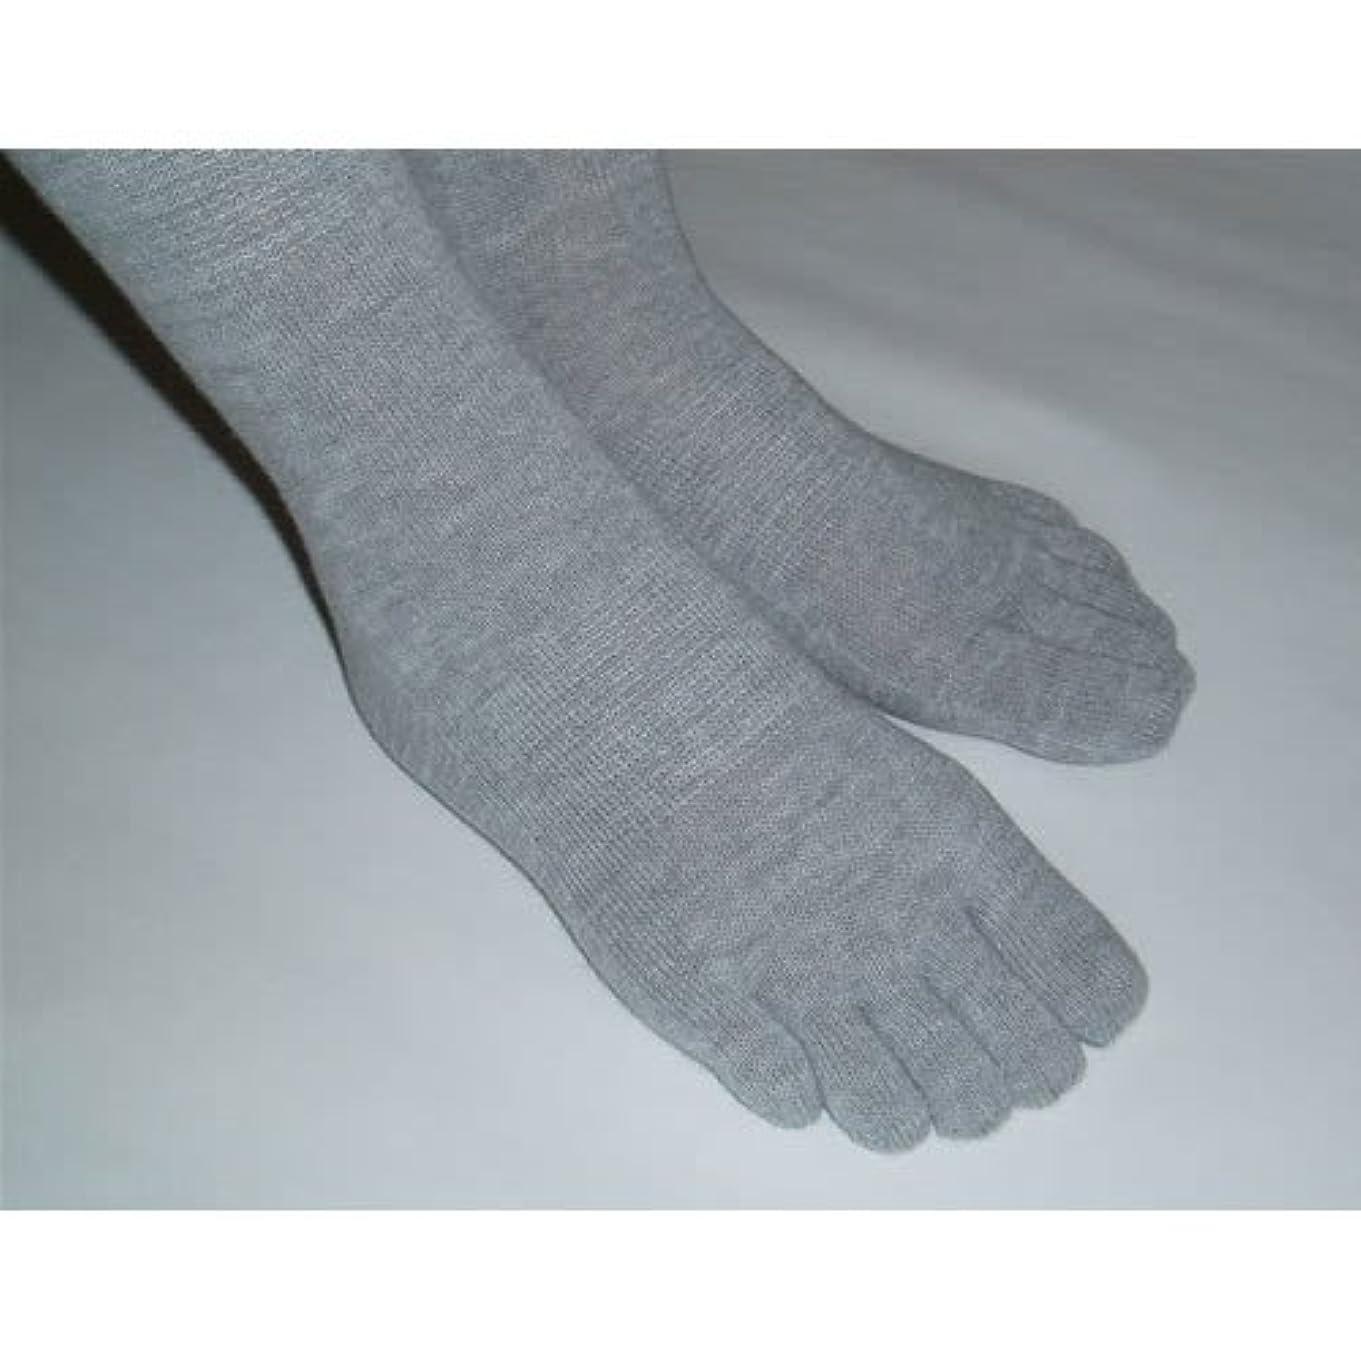 音節堤防比較5本指ソックス 婦人(22-24cm)サイズ 【炭の靴下】